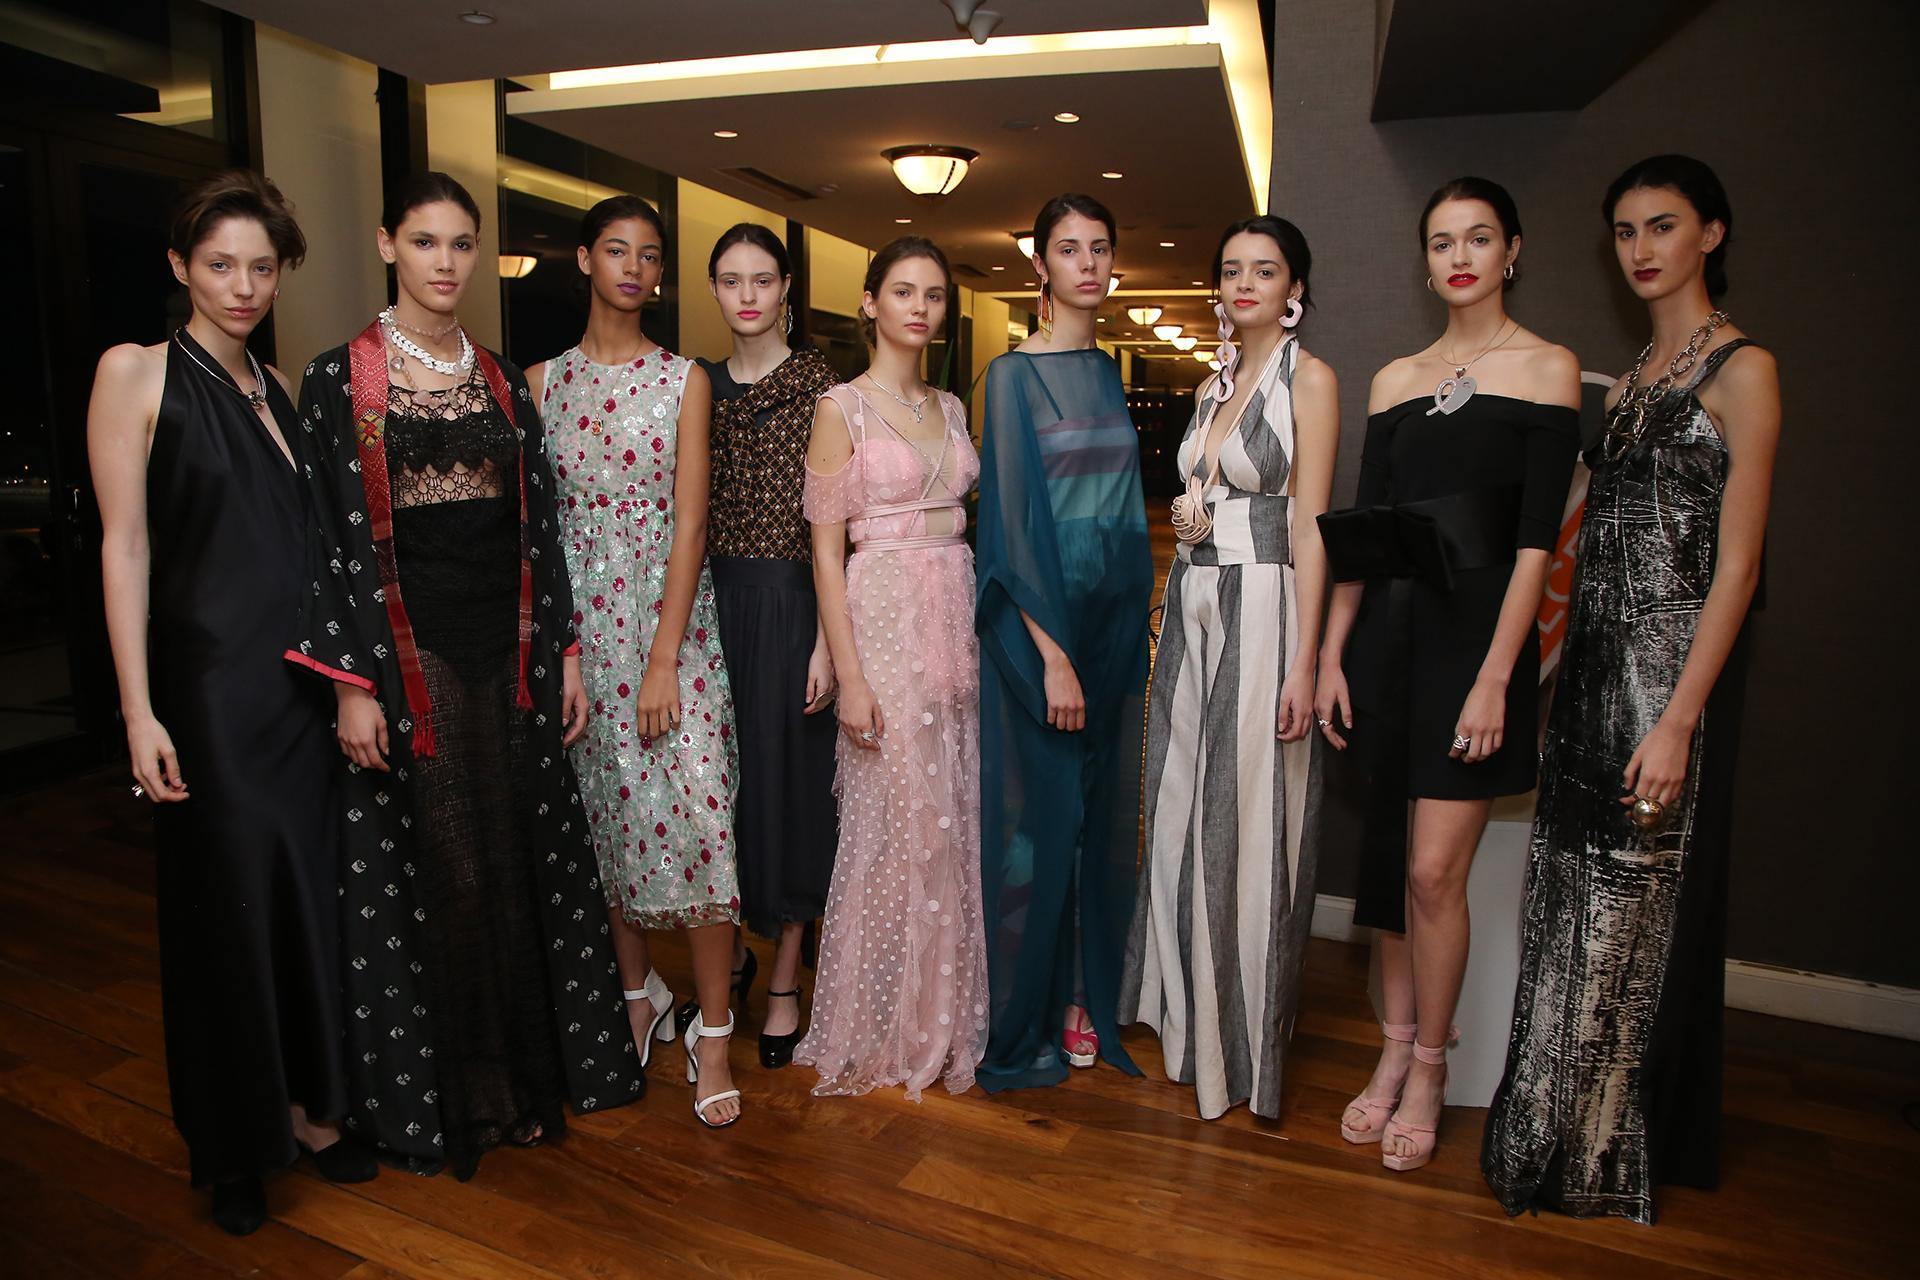 Durante la tarde, se presentaron las últimas tendencias de moda frente a un auditorio repleto de personalidades destacadas y del público, que no quiso perderse una nueva edición del desfile de LALCEC